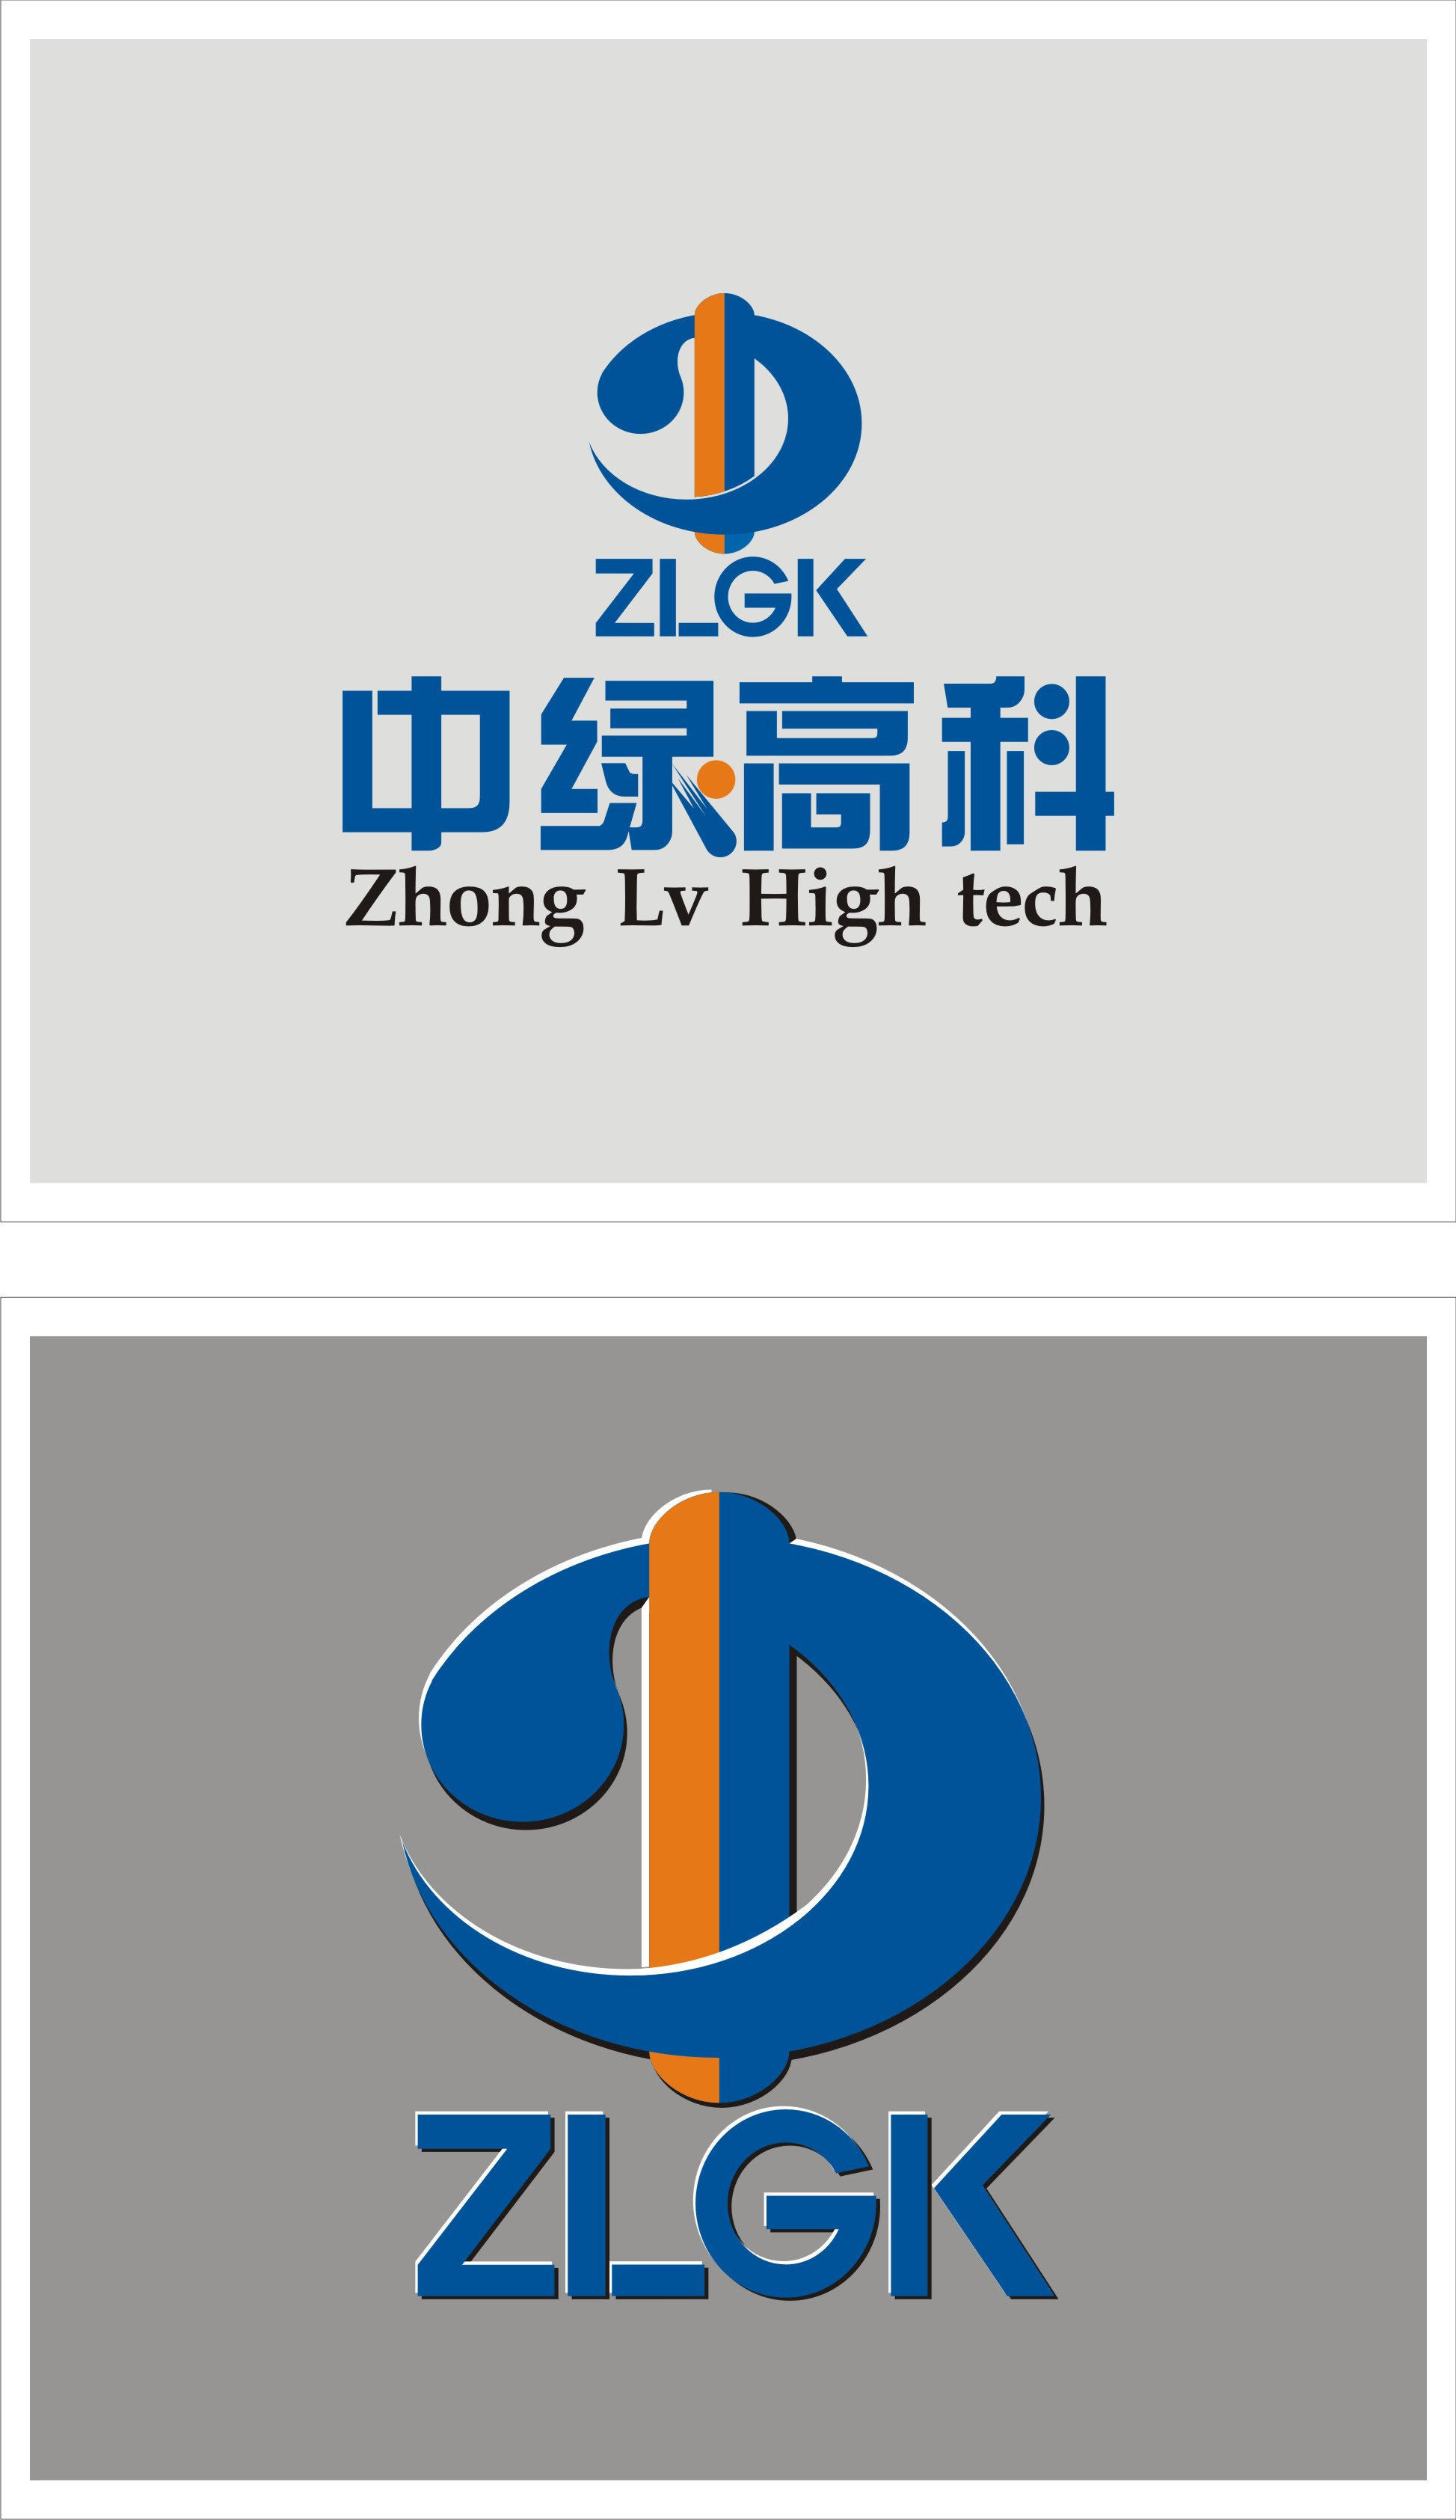 gps车辆定位系统公司logo设计 急